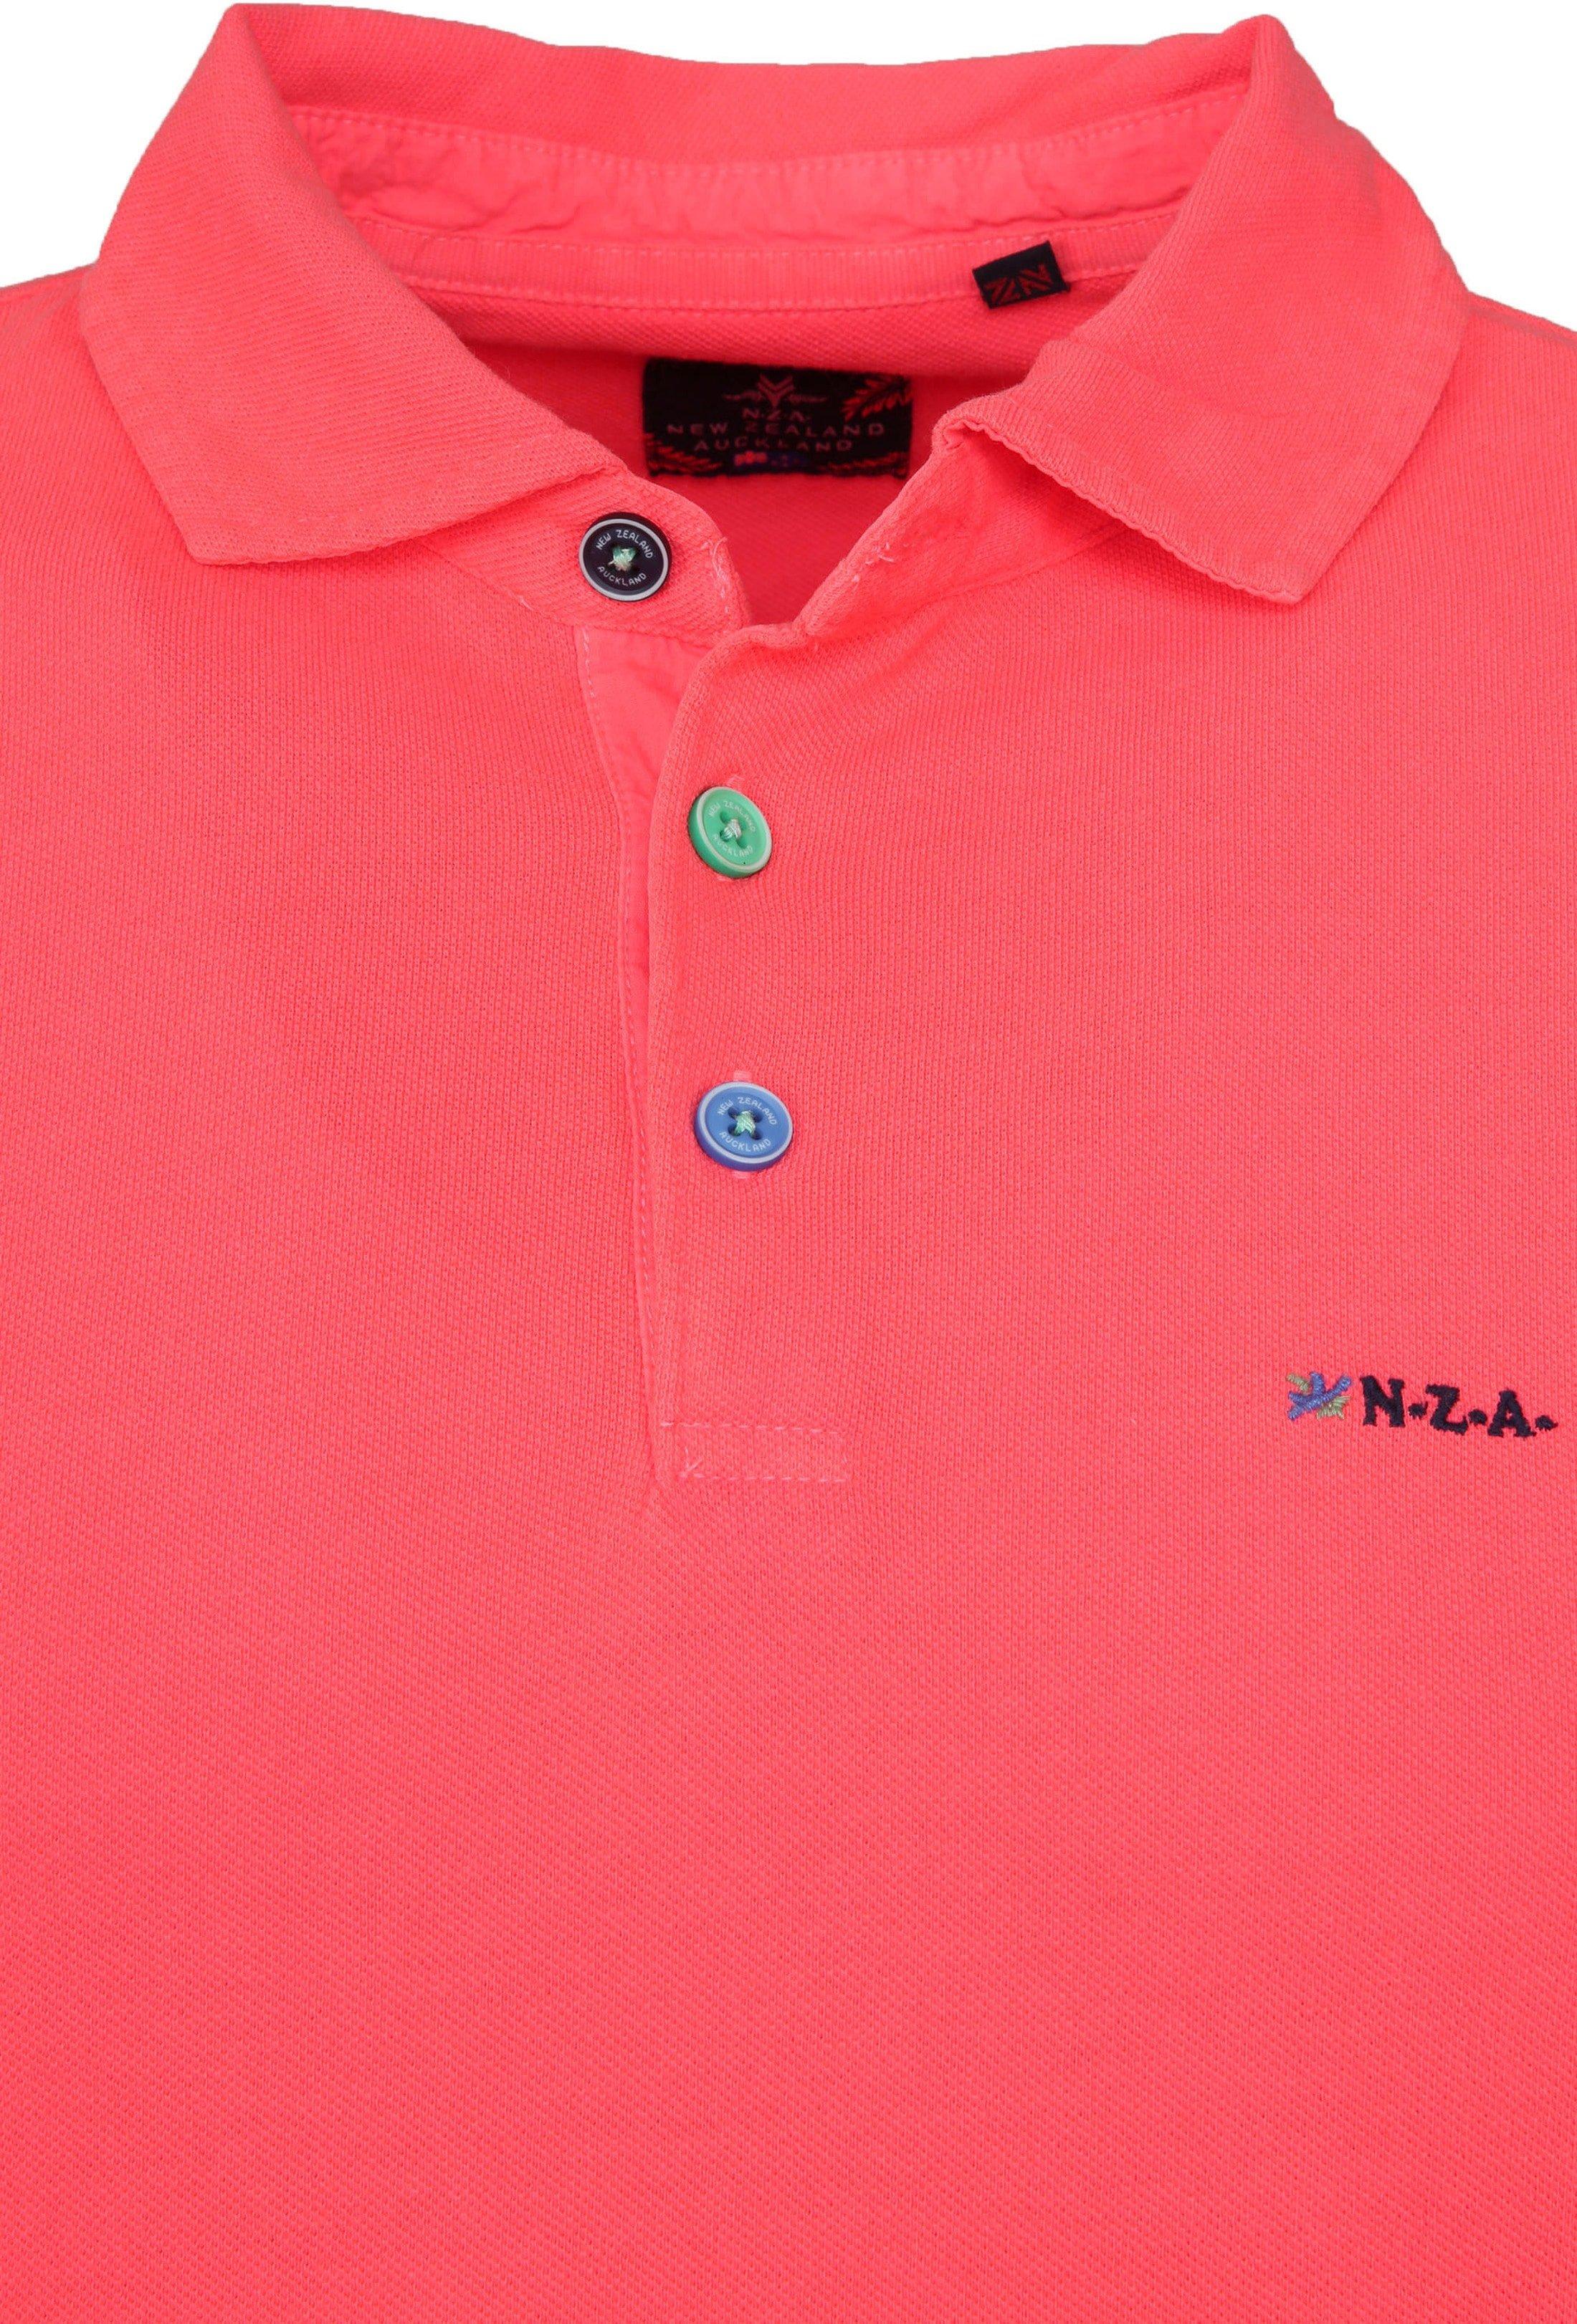 NZA Poloshirt Waiapu Neon Pink foto 1